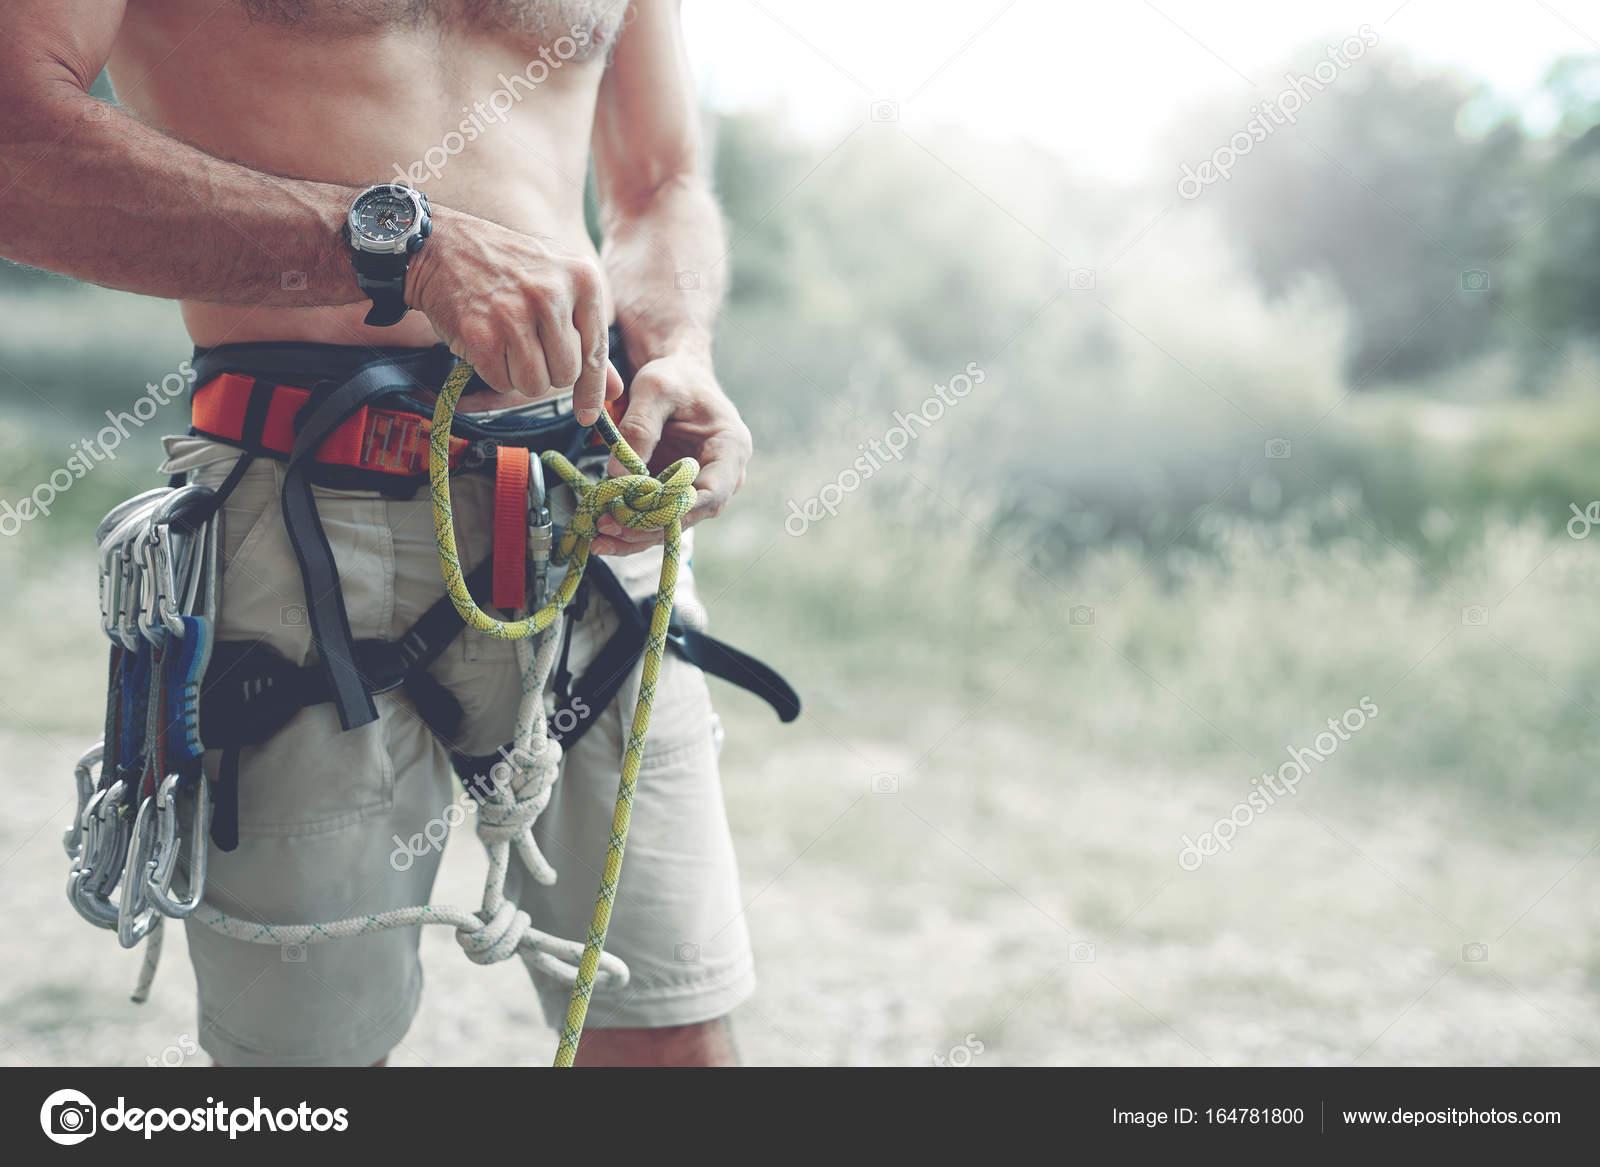 Klettergurt Mit Selbstsicherung : Ein mann knoten einen auf klettergurt u2014 stockfoto